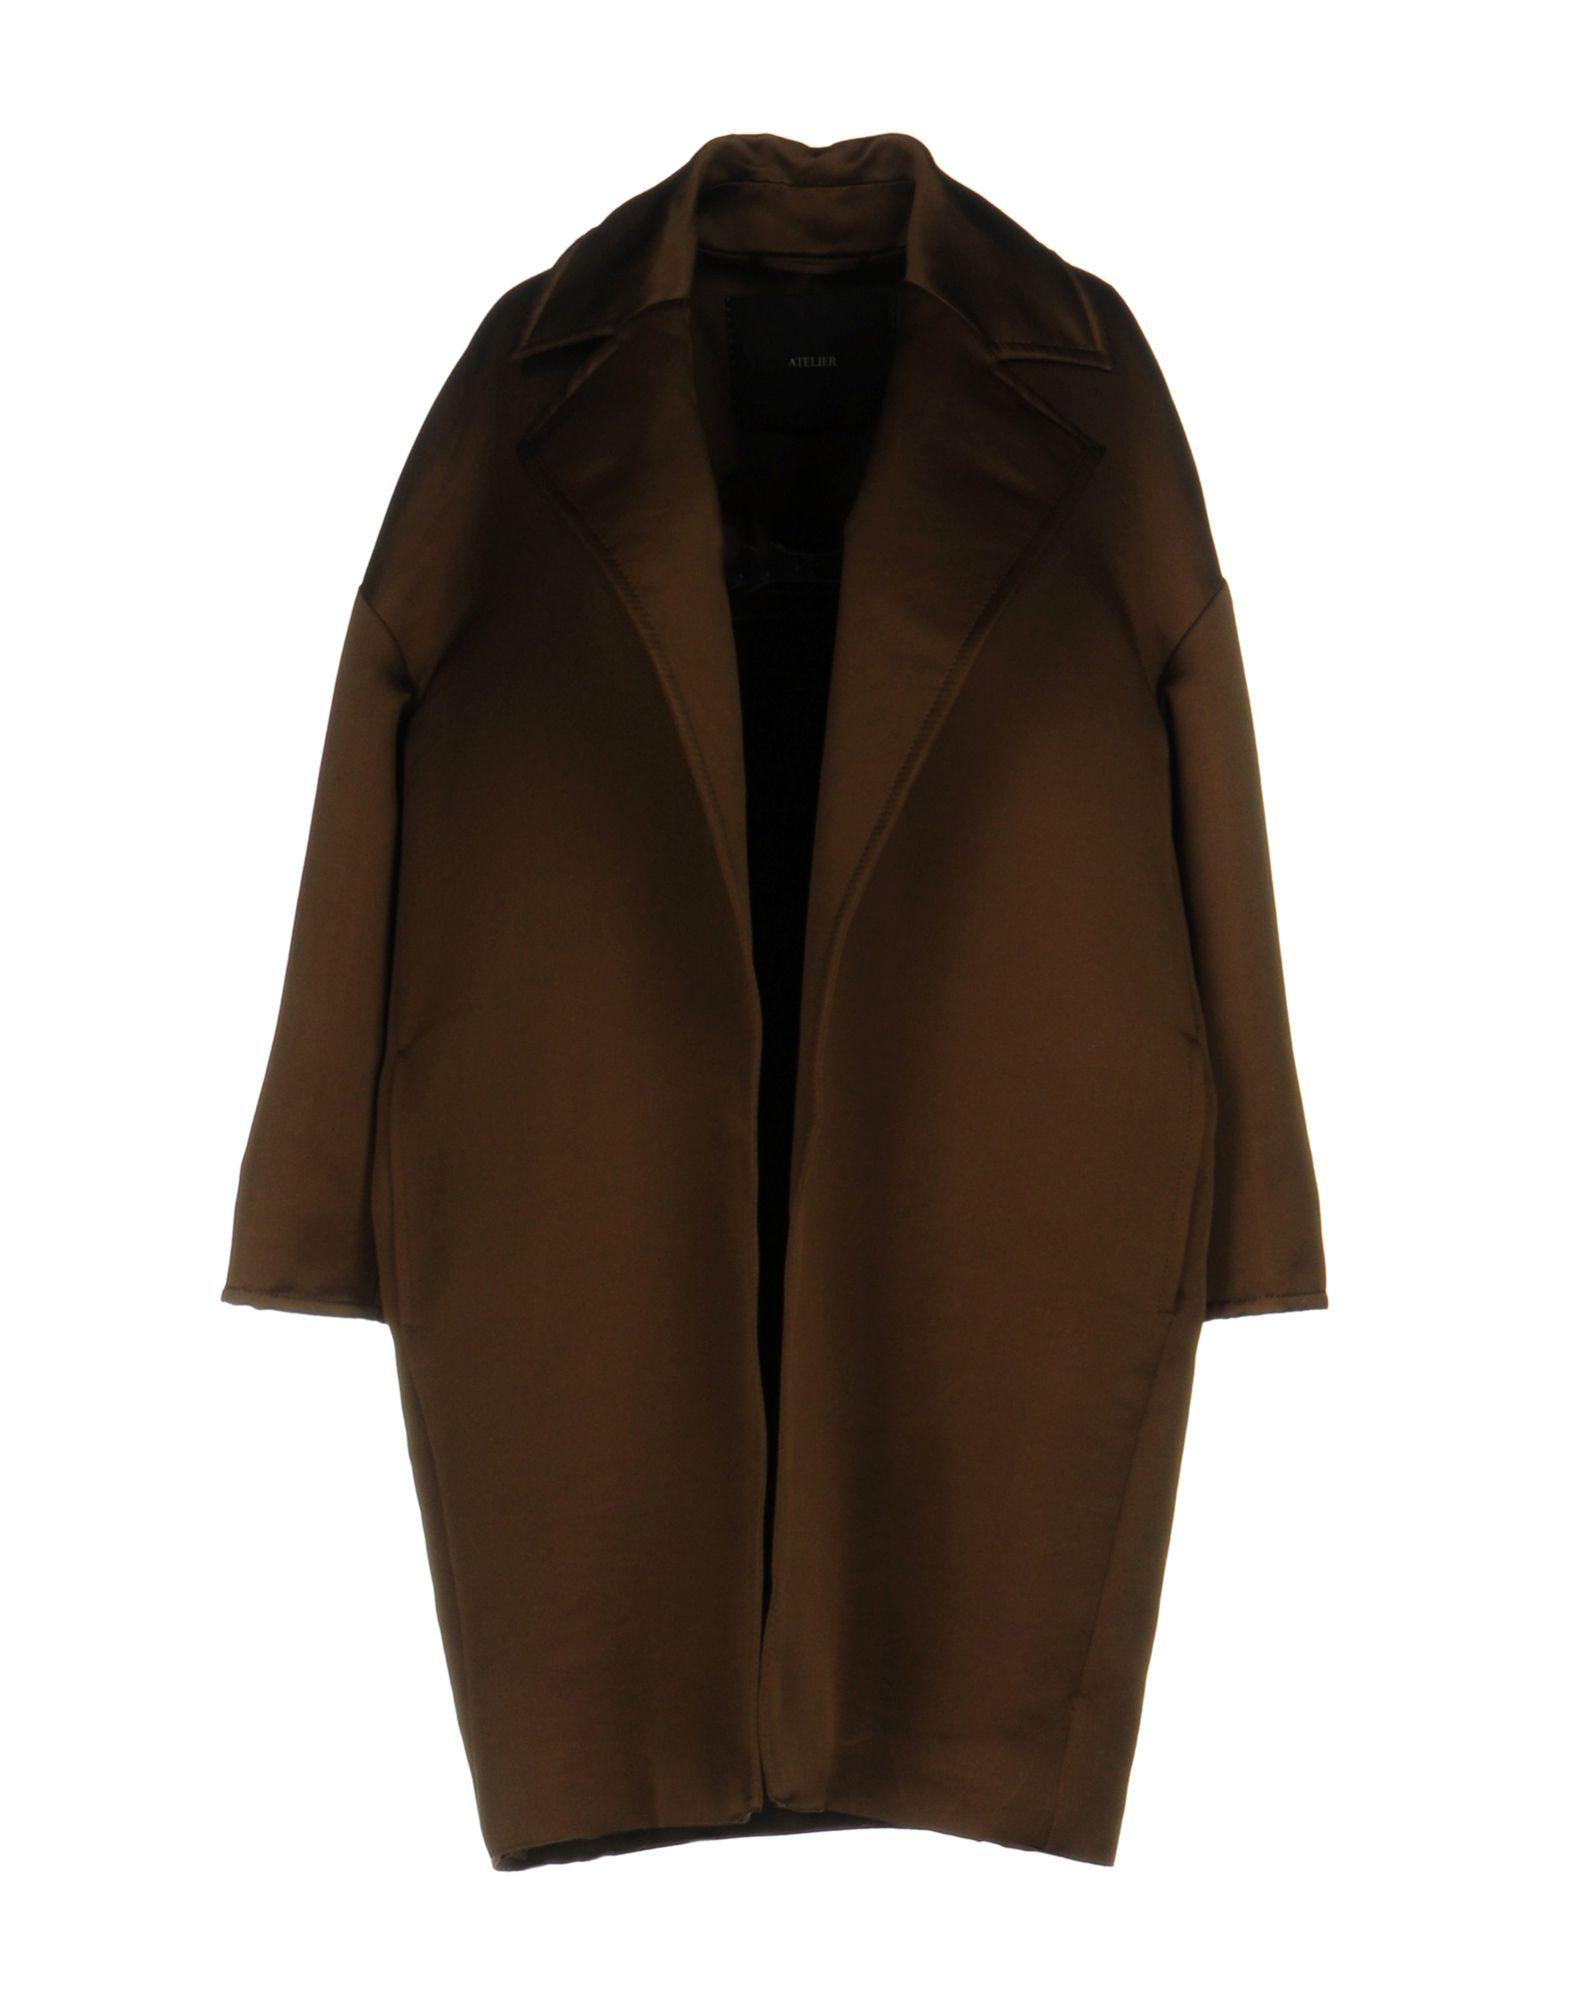 MAX MARA Легкое пальто женское пальто max mara max mara2014